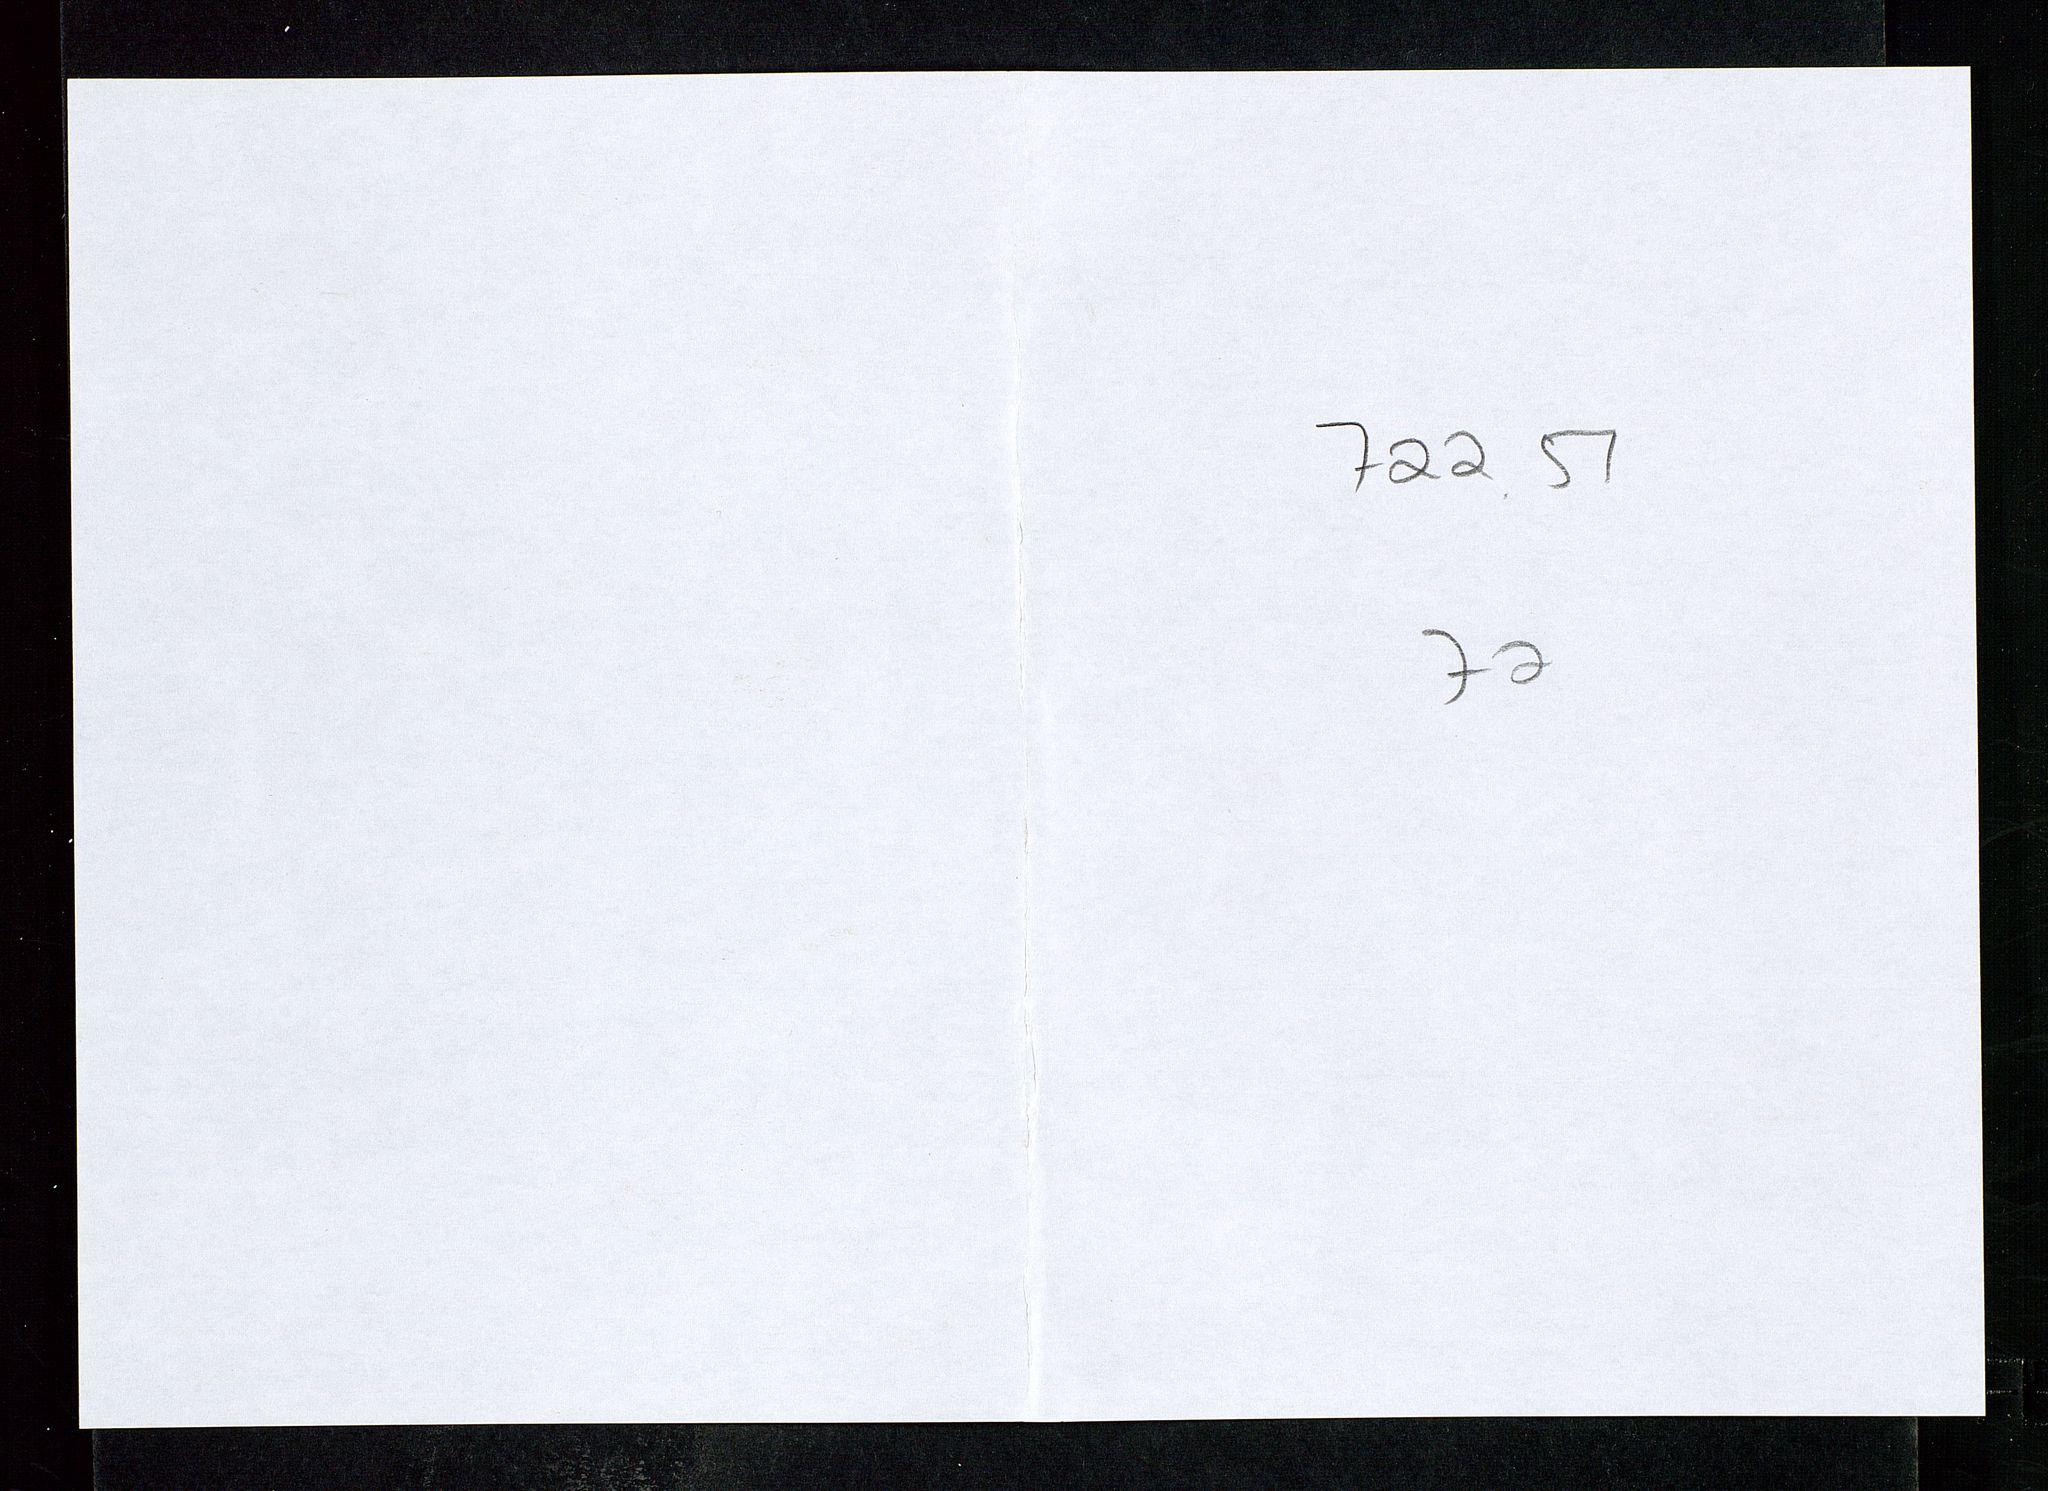 SAST, Industridepartementet, Oljekontoret, Da/L0008:  Arkivnøkkel 721- 722 Geofysikk, forskning, 1970-1972, s. 522